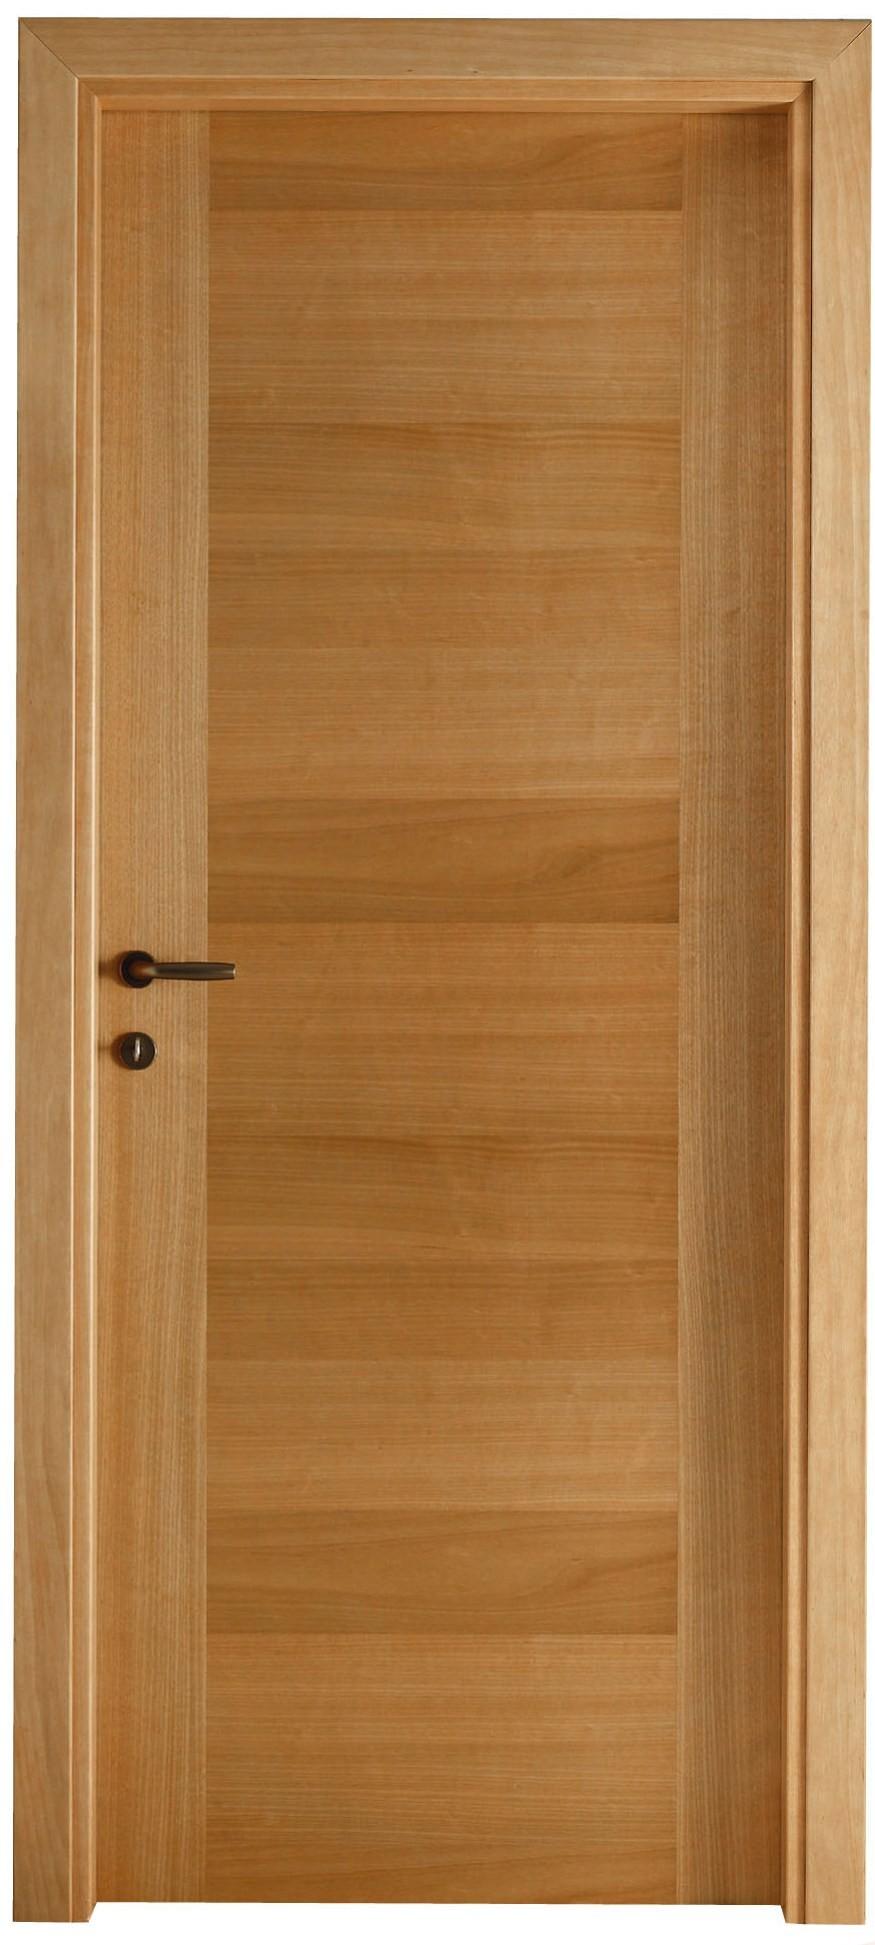 Porte imip petrecca legno naturale effe emme due - Due emme mobili ...